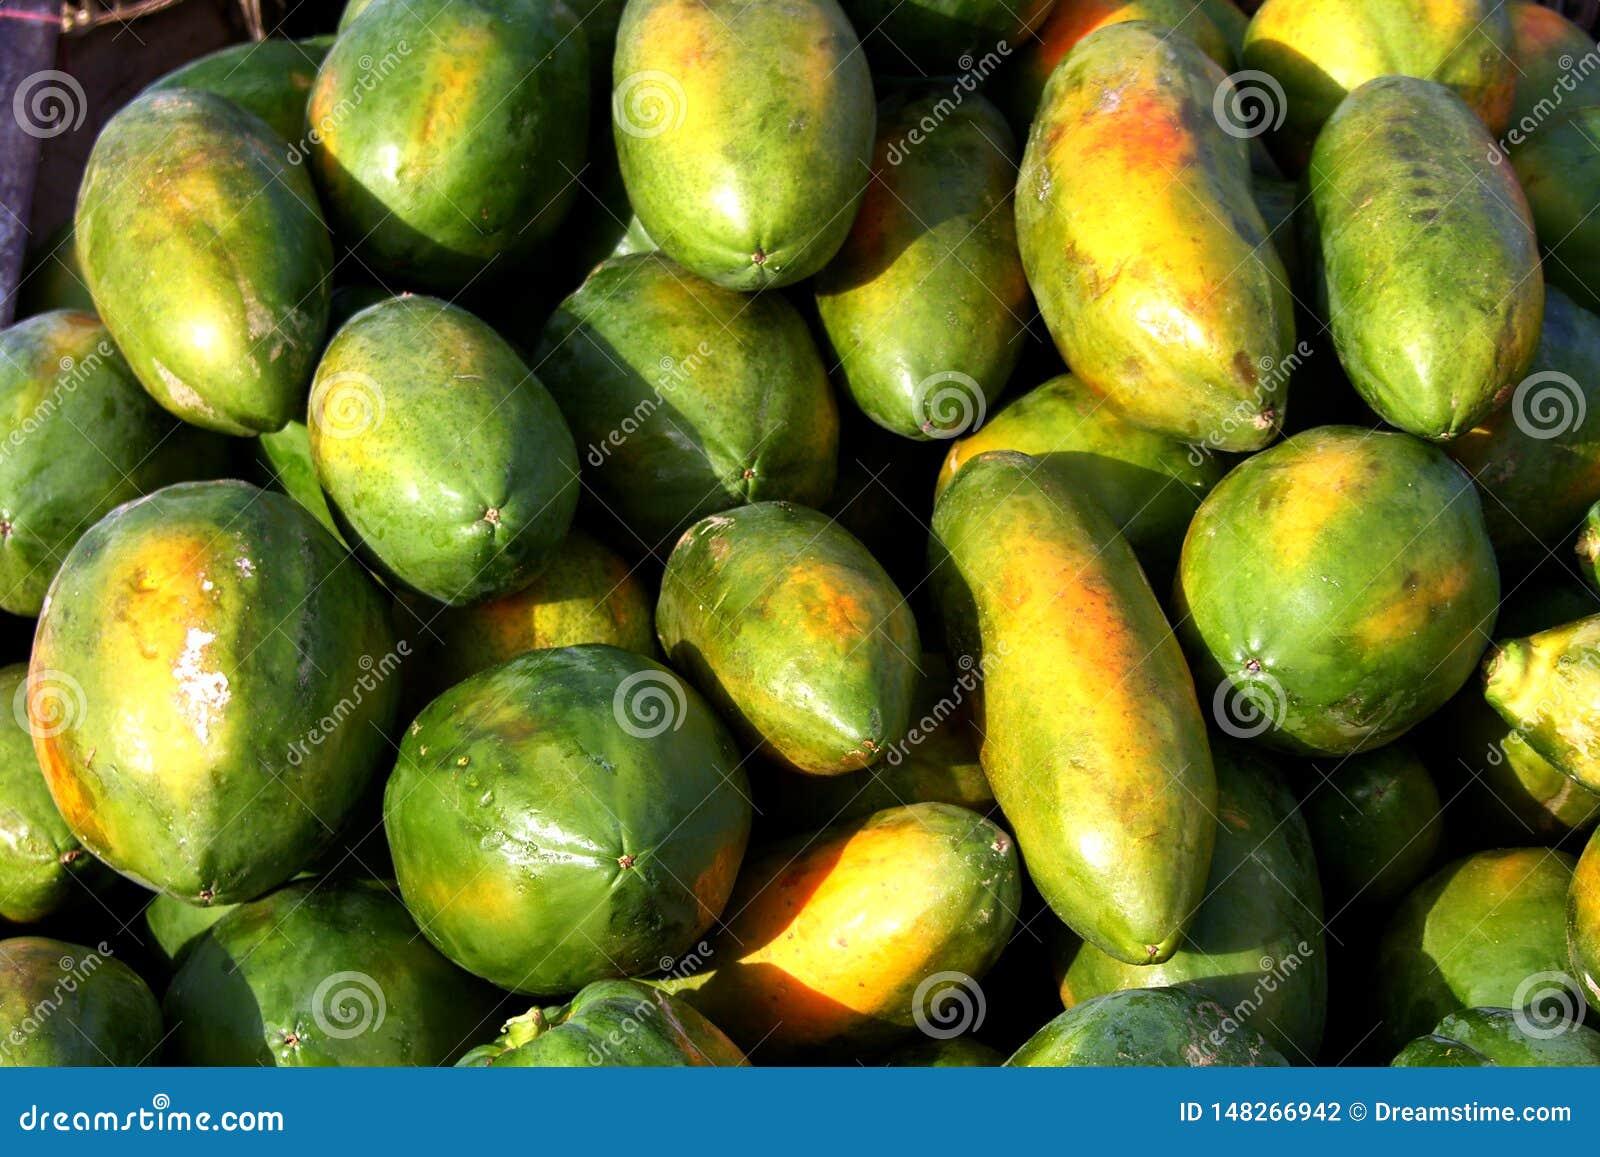 Leitoso ou papaia